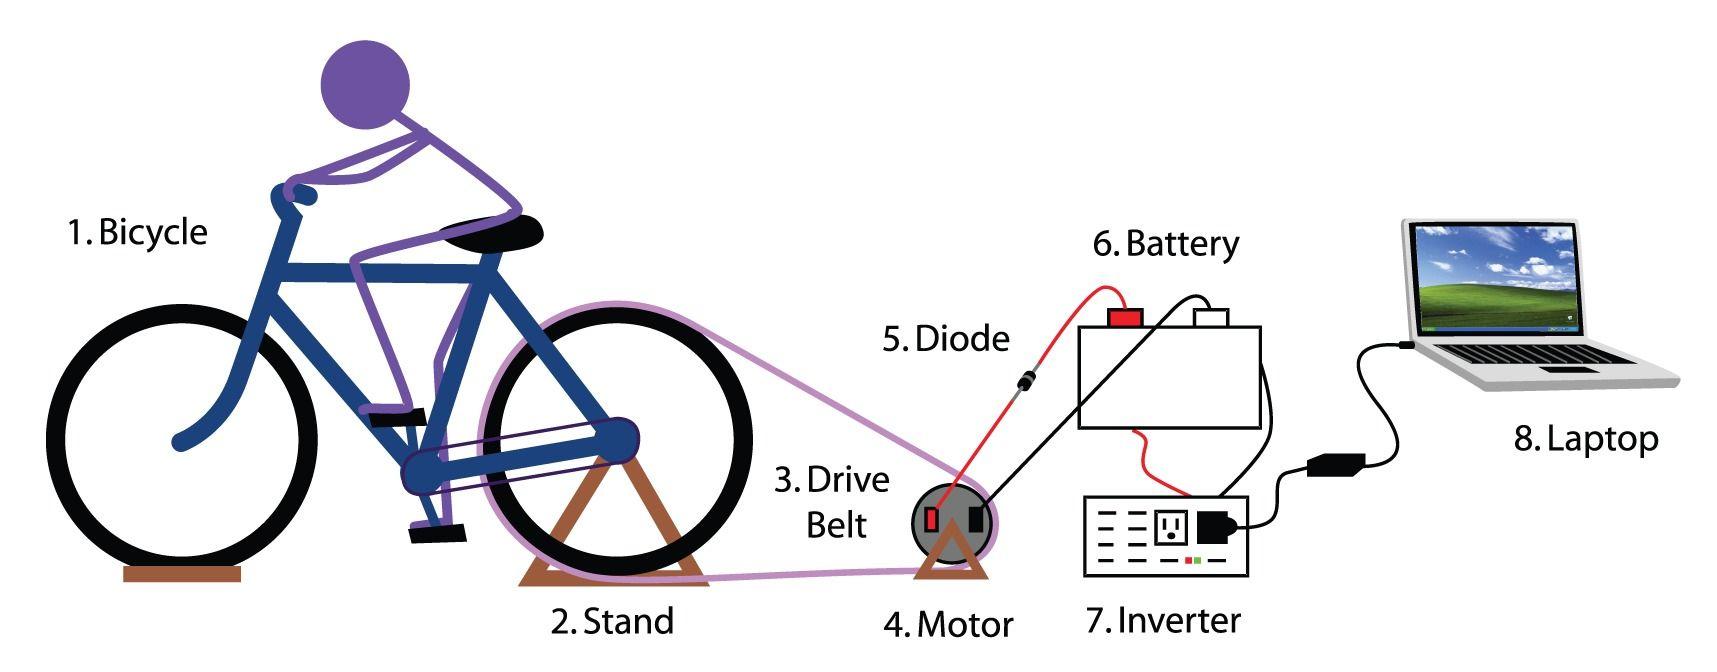 How To Build A Bicycle Generator Navyki Vyzhivaniya